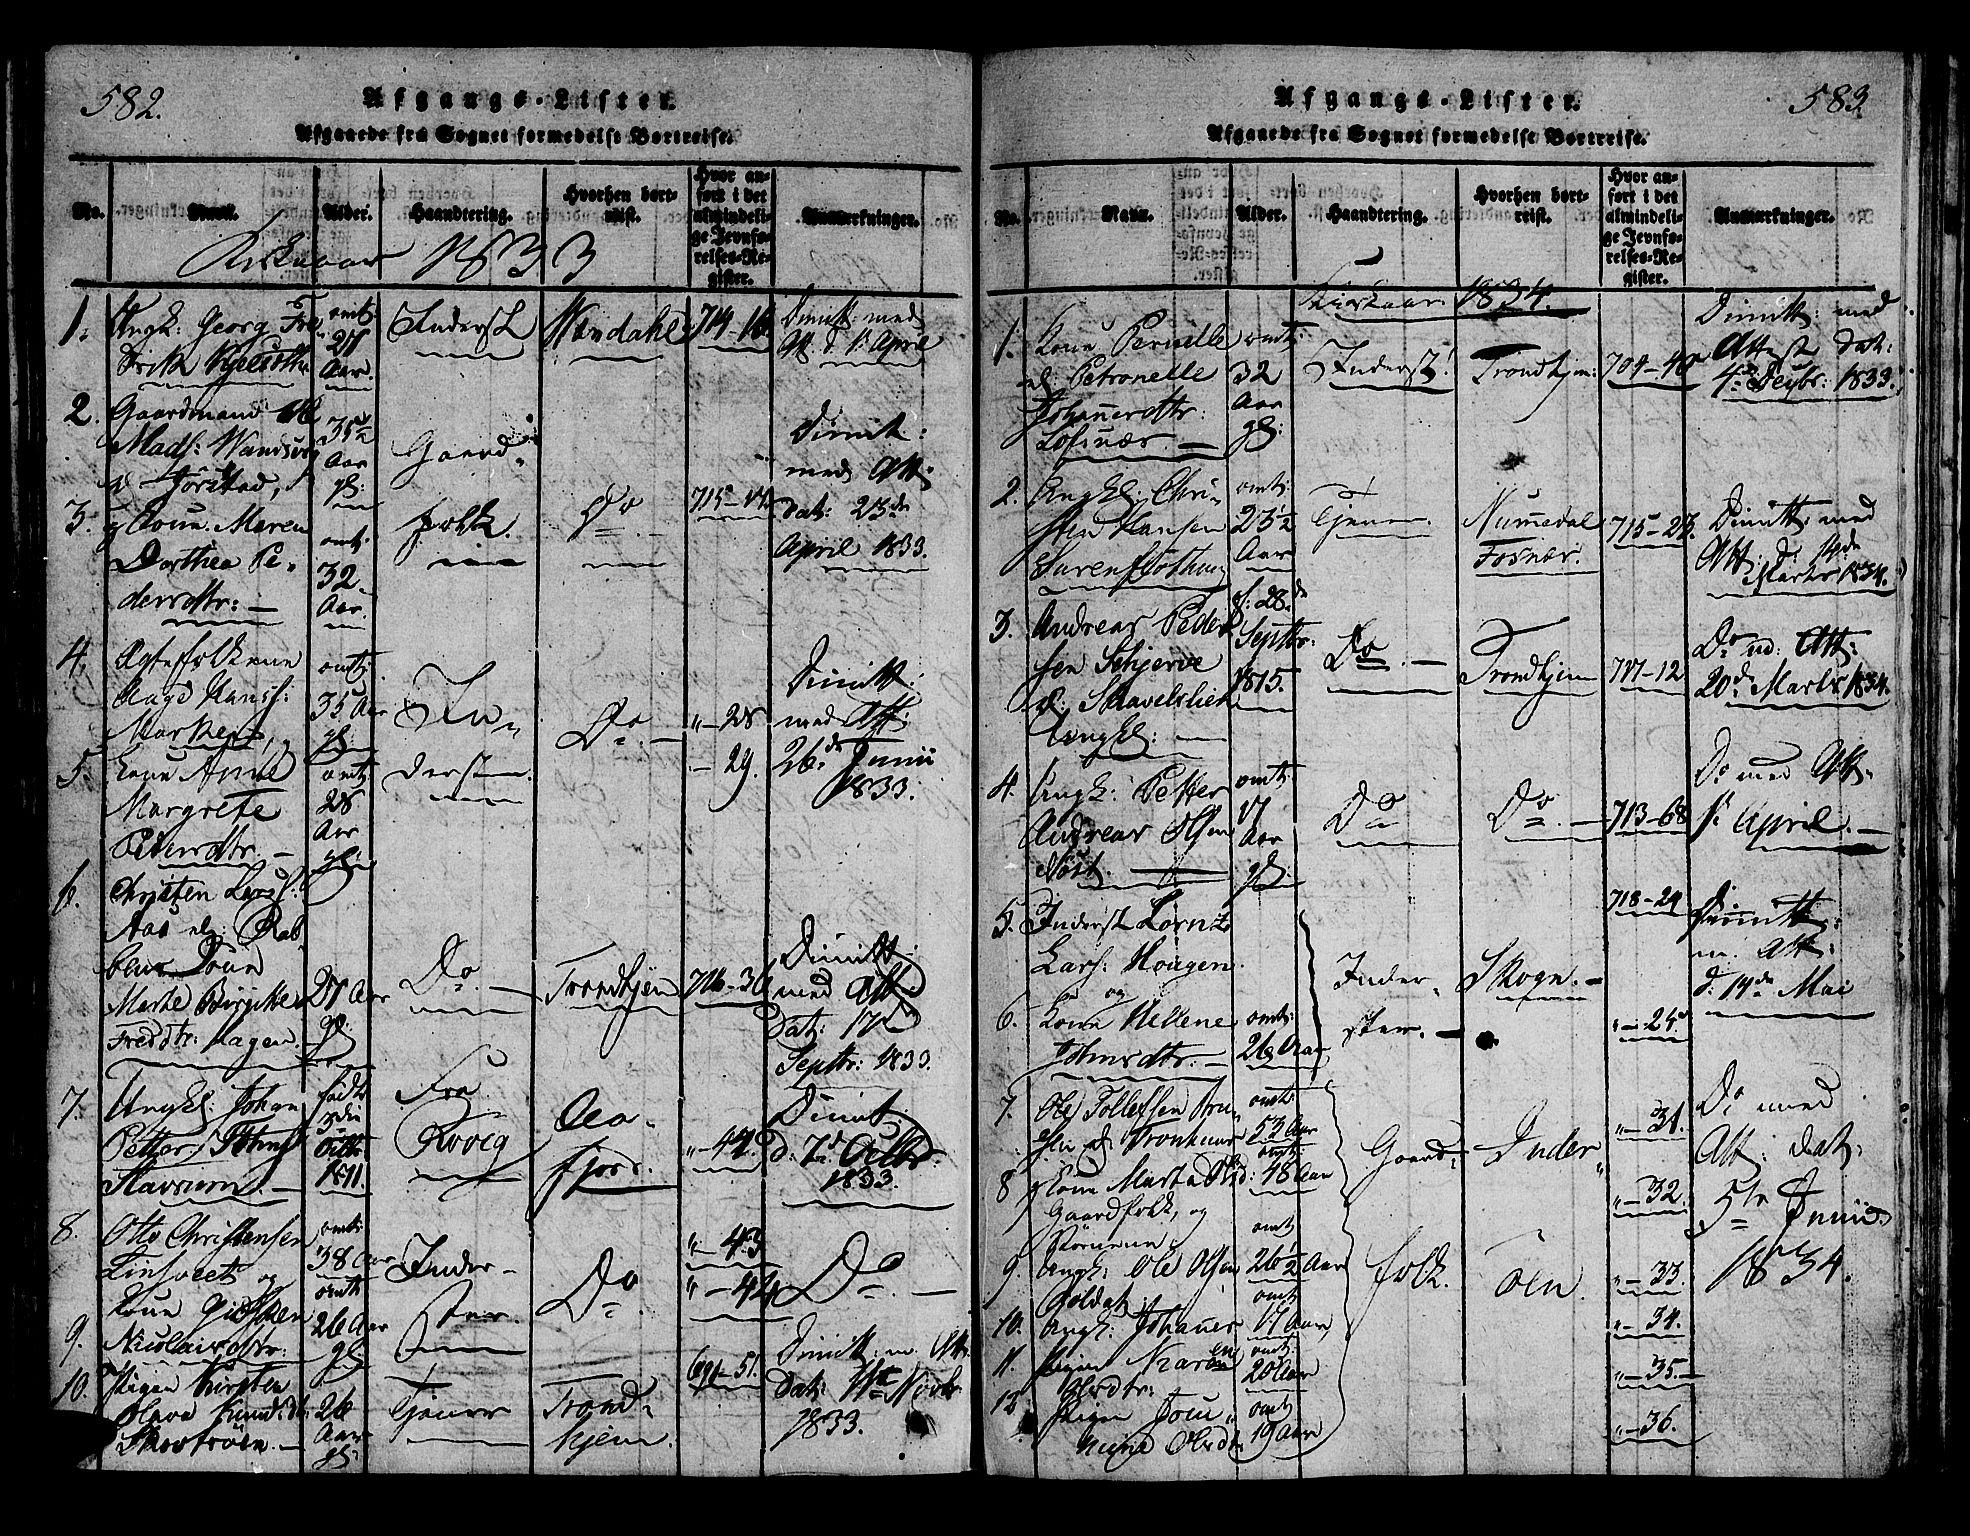 SAT, Ministerialprotokoller, klokkerbøker og fødselsregistre - Nord-Trøndelag, 722/L0217: Ministerialbok nr. 722A04, 1817-1842, s. 582-583